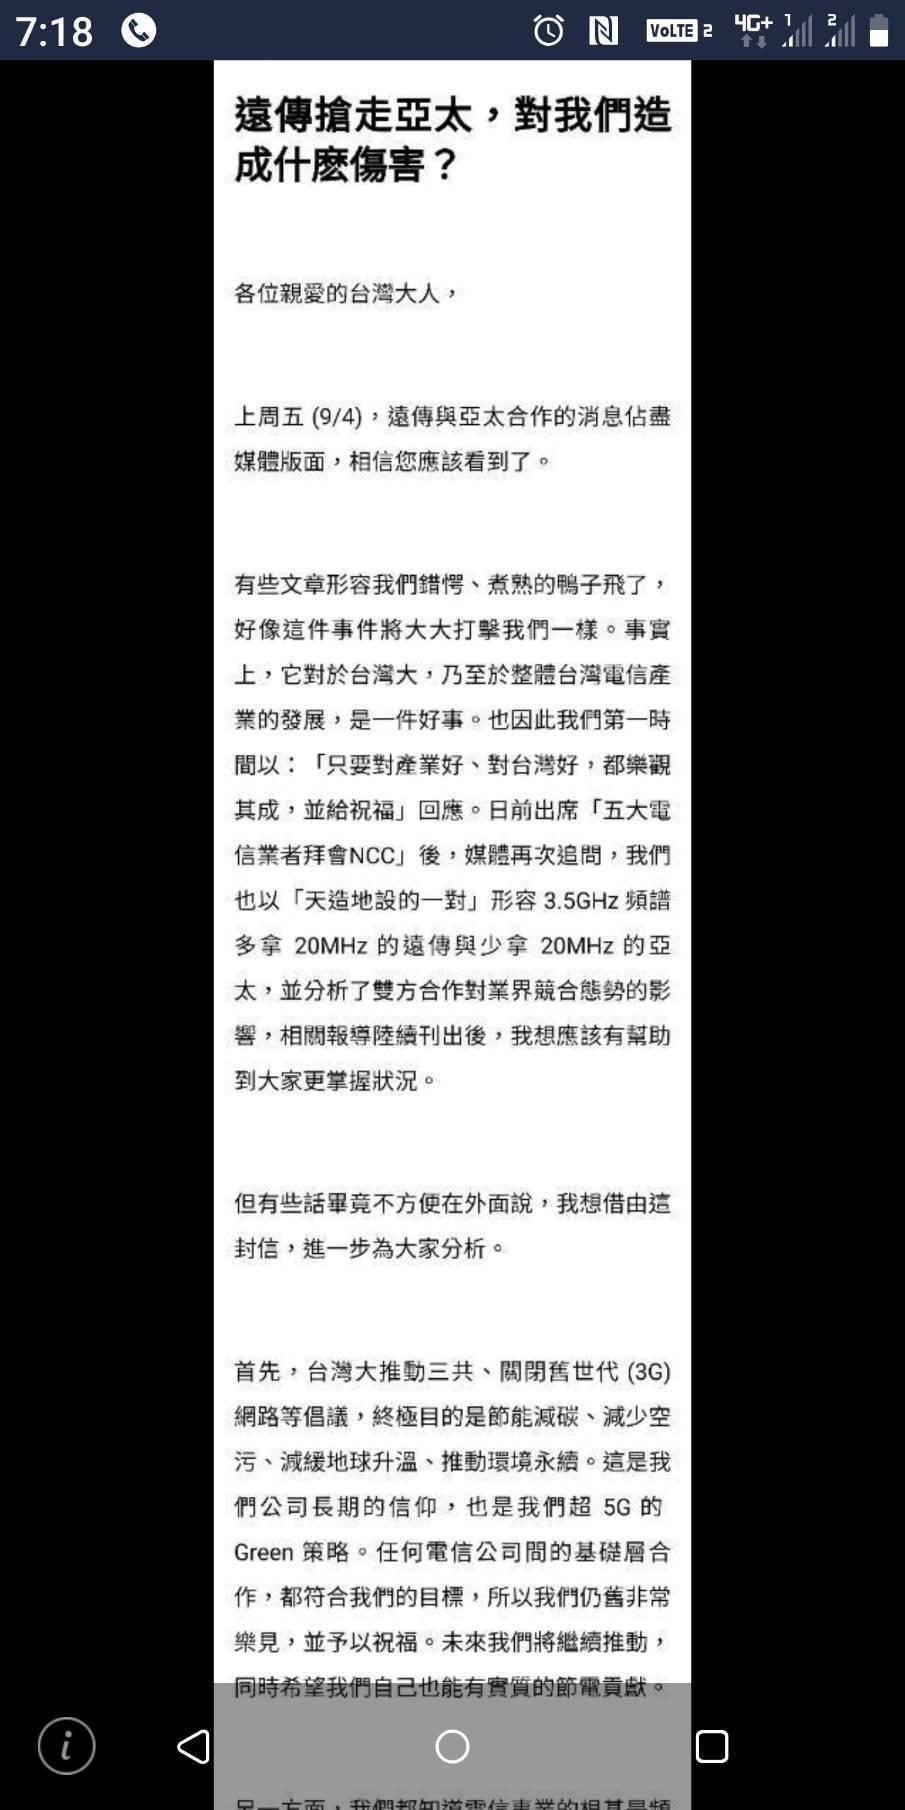 翻攝自台灣大哥大總經理林之晨給員工的一封信。